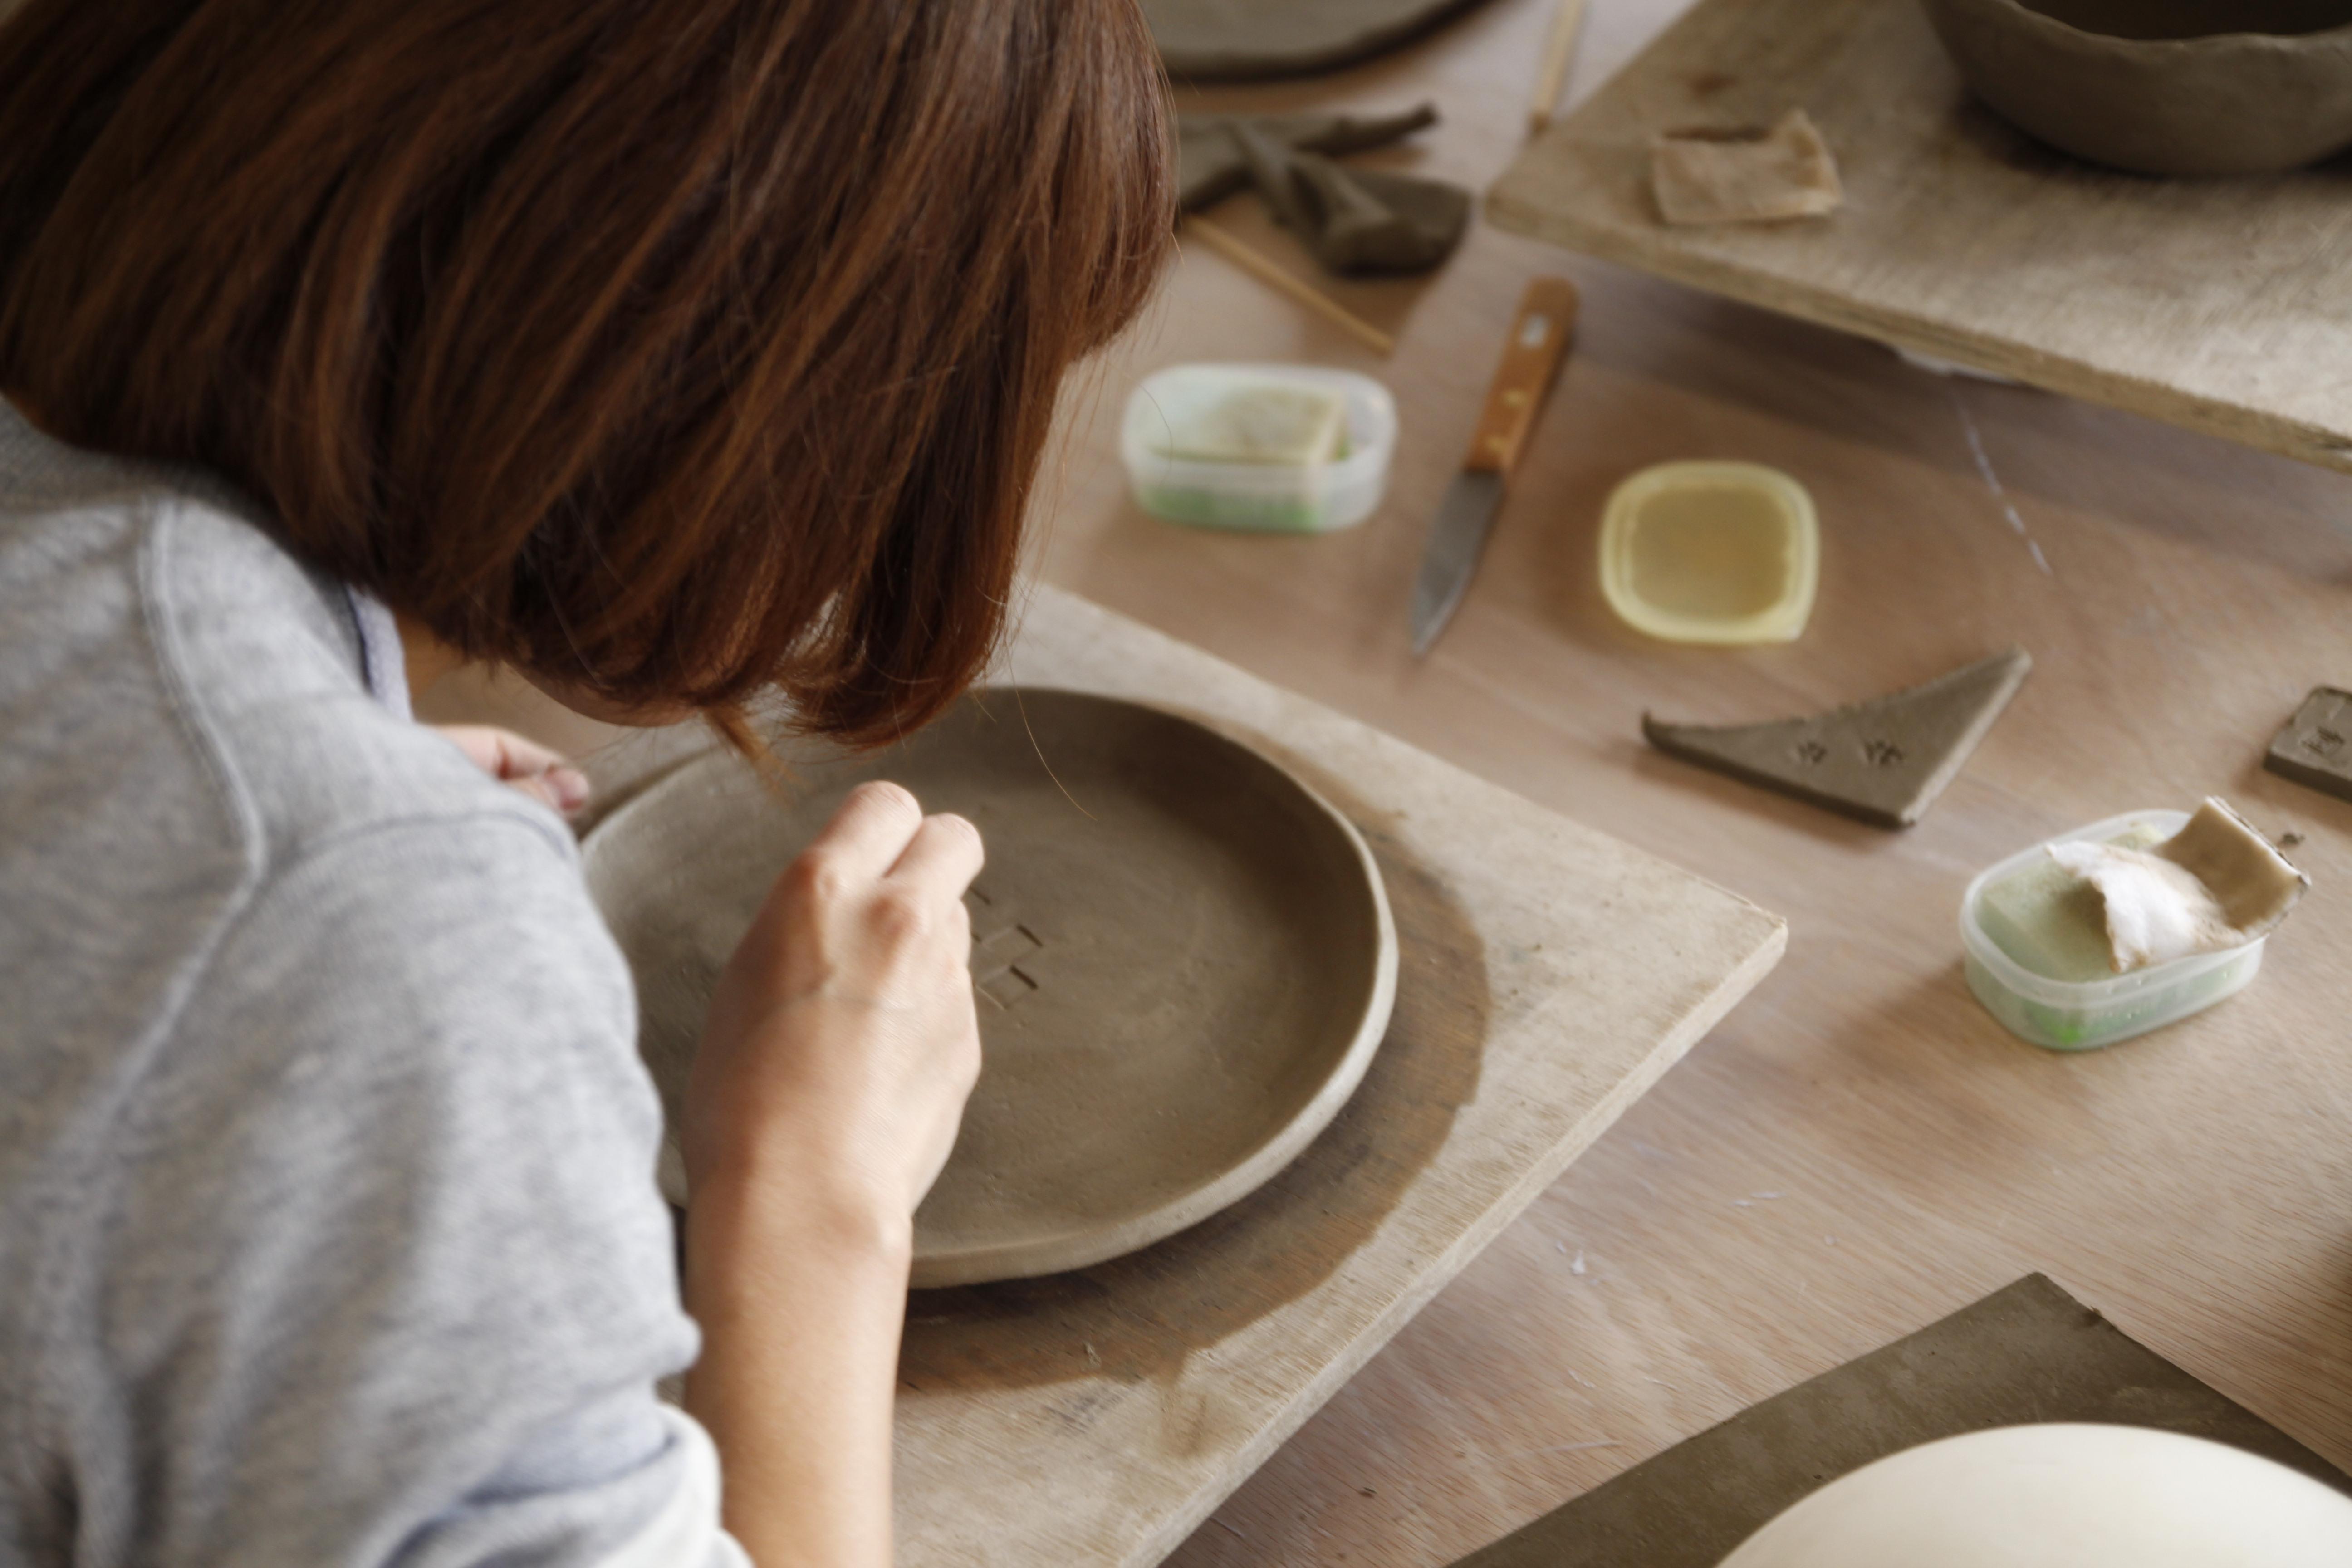 信楽_Ogama陶芸教室の風景03